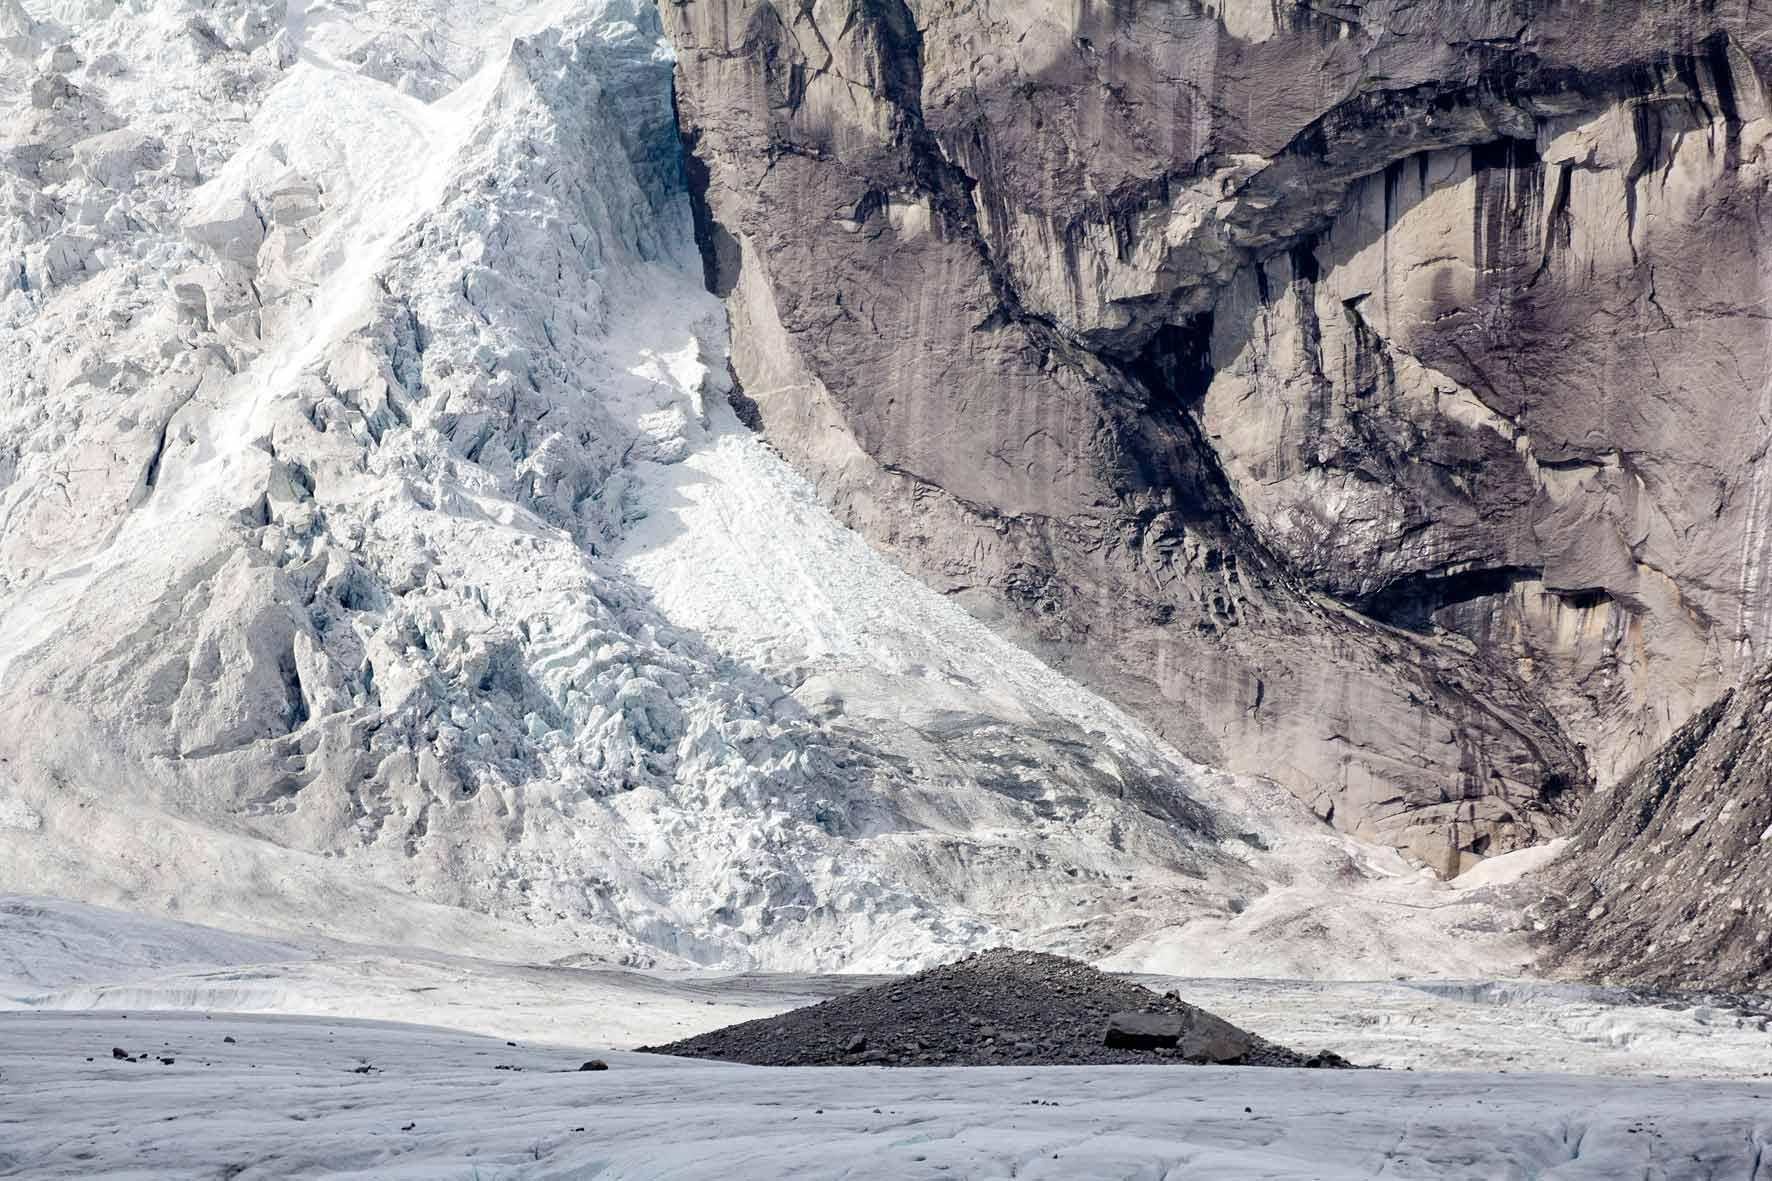 Zerklüftetes Gletschereis und Schutthügel